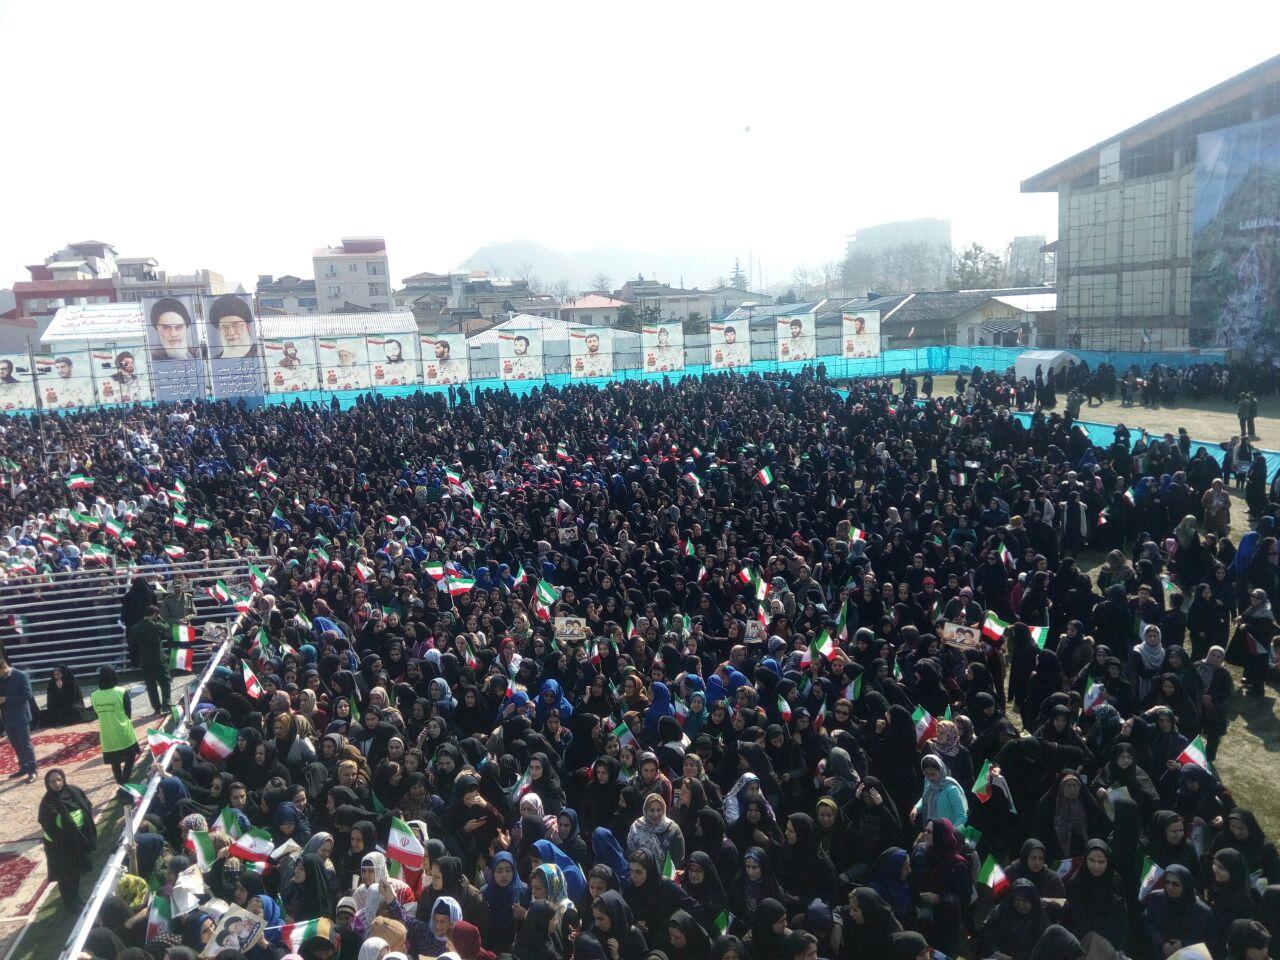 رئیس جمهور در جمع مردم لاهیجان: رهبری تاکید کردند، رئیسجمهور فرمانده جنگ امروز است/ ۶۸ درصد راه آهن گیلان در این دولت به نتیجه رسید/ تالاب انزلی را با سرمایه گذاری لازم از وضعیت فعلی نجات خواهیم داد